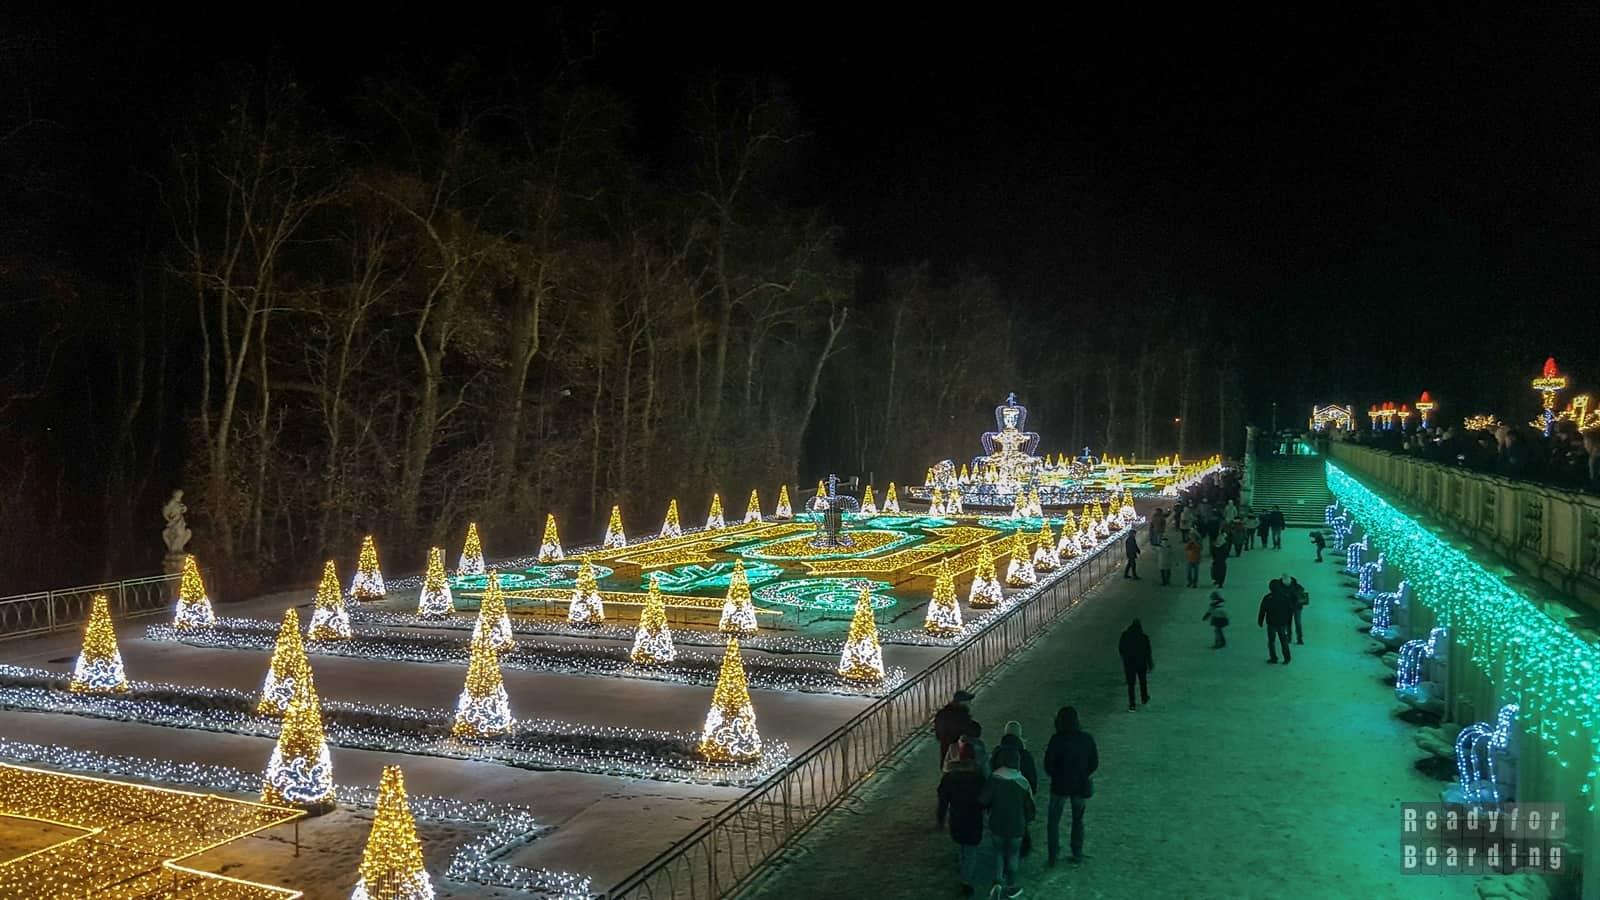 Królewski Ogród światła W Wilanowie Ready For Boarding